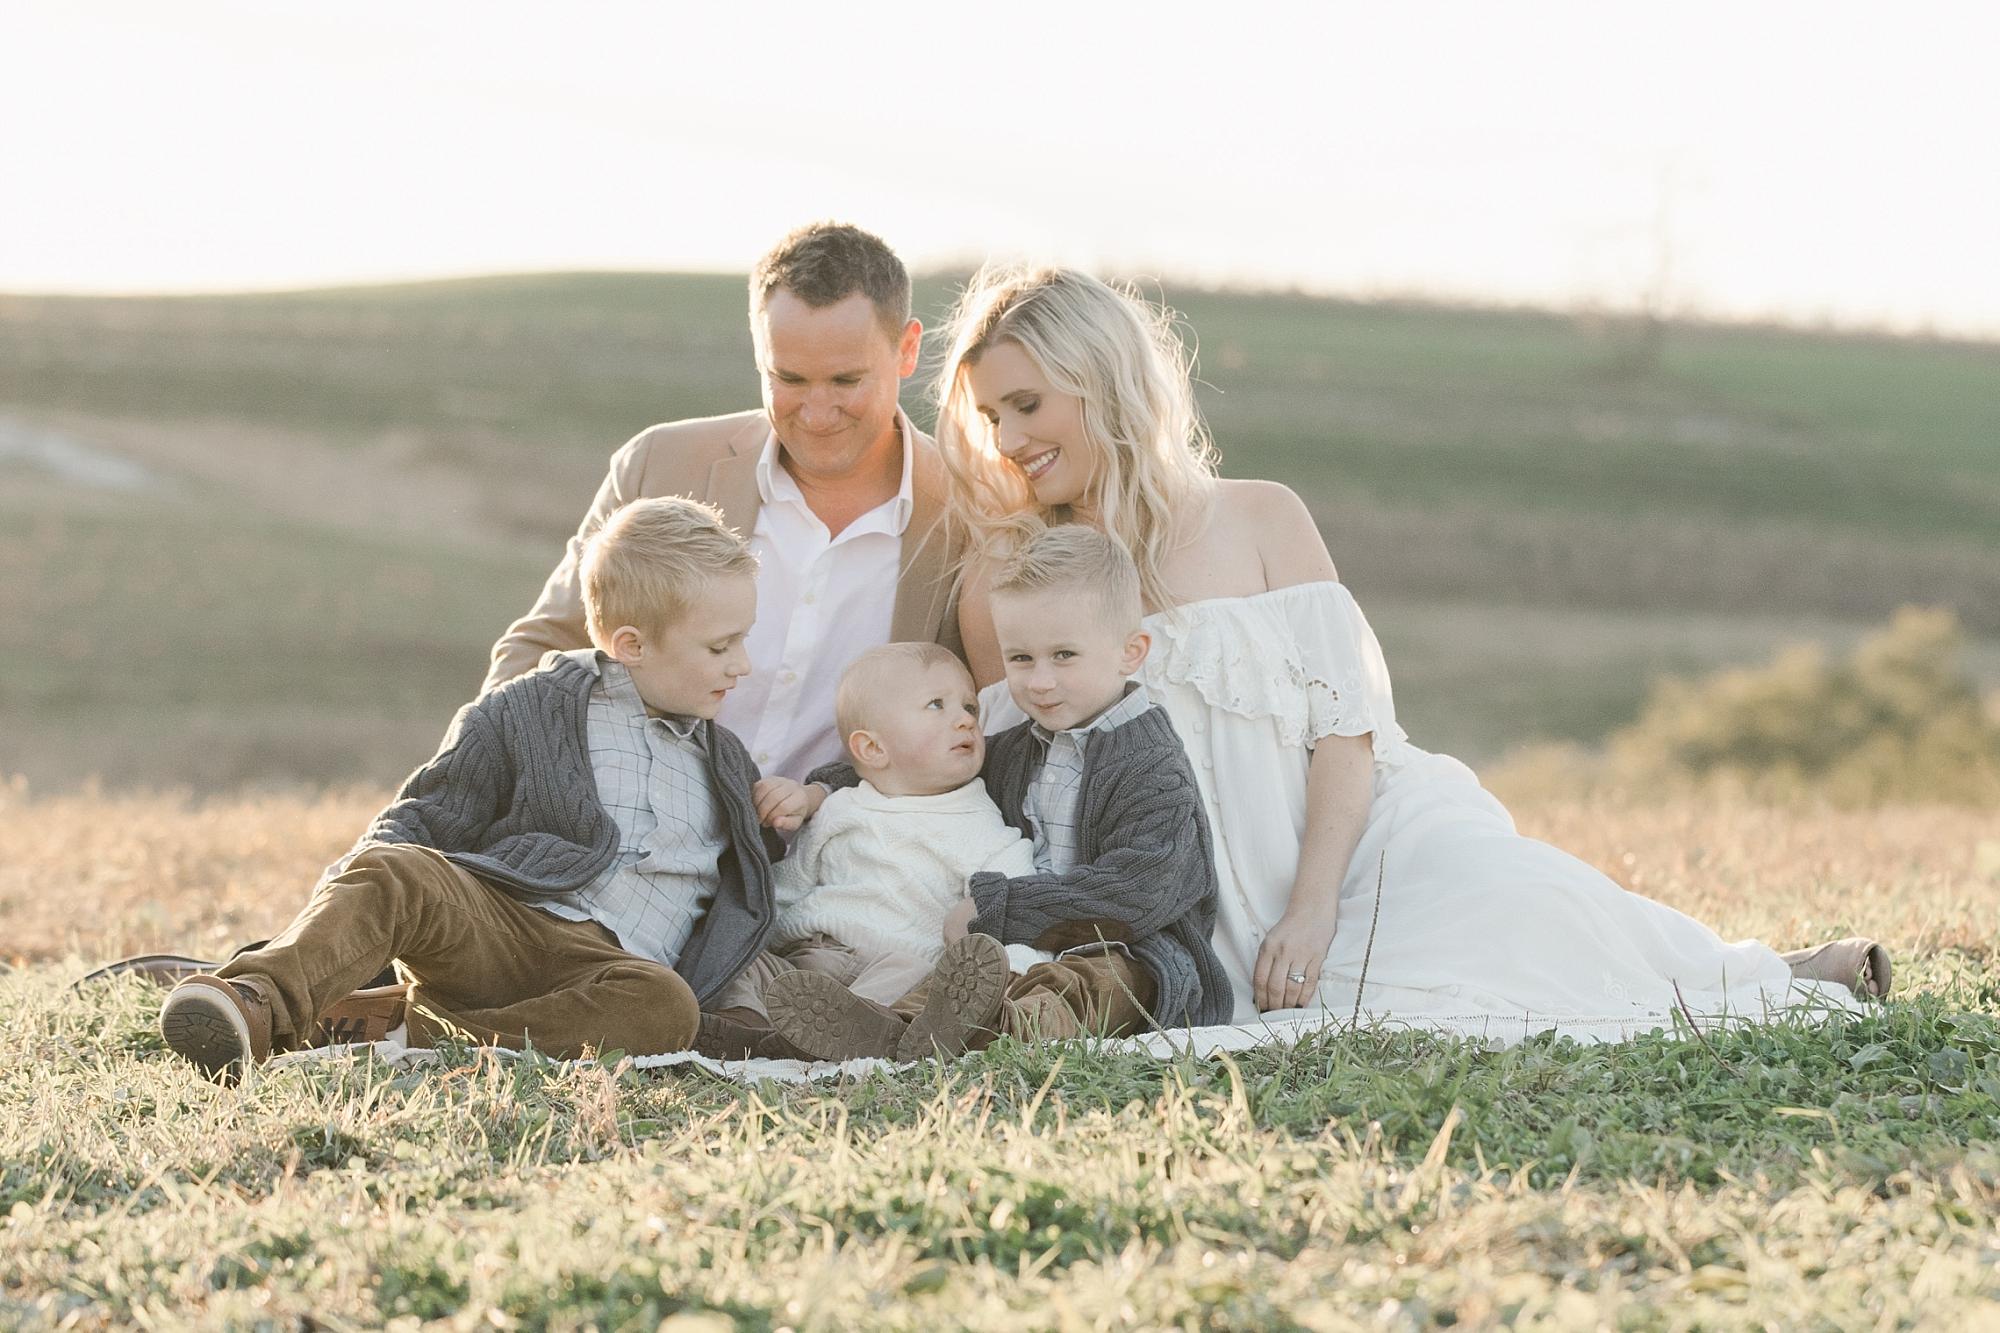 Outdoor Fall Family Photos